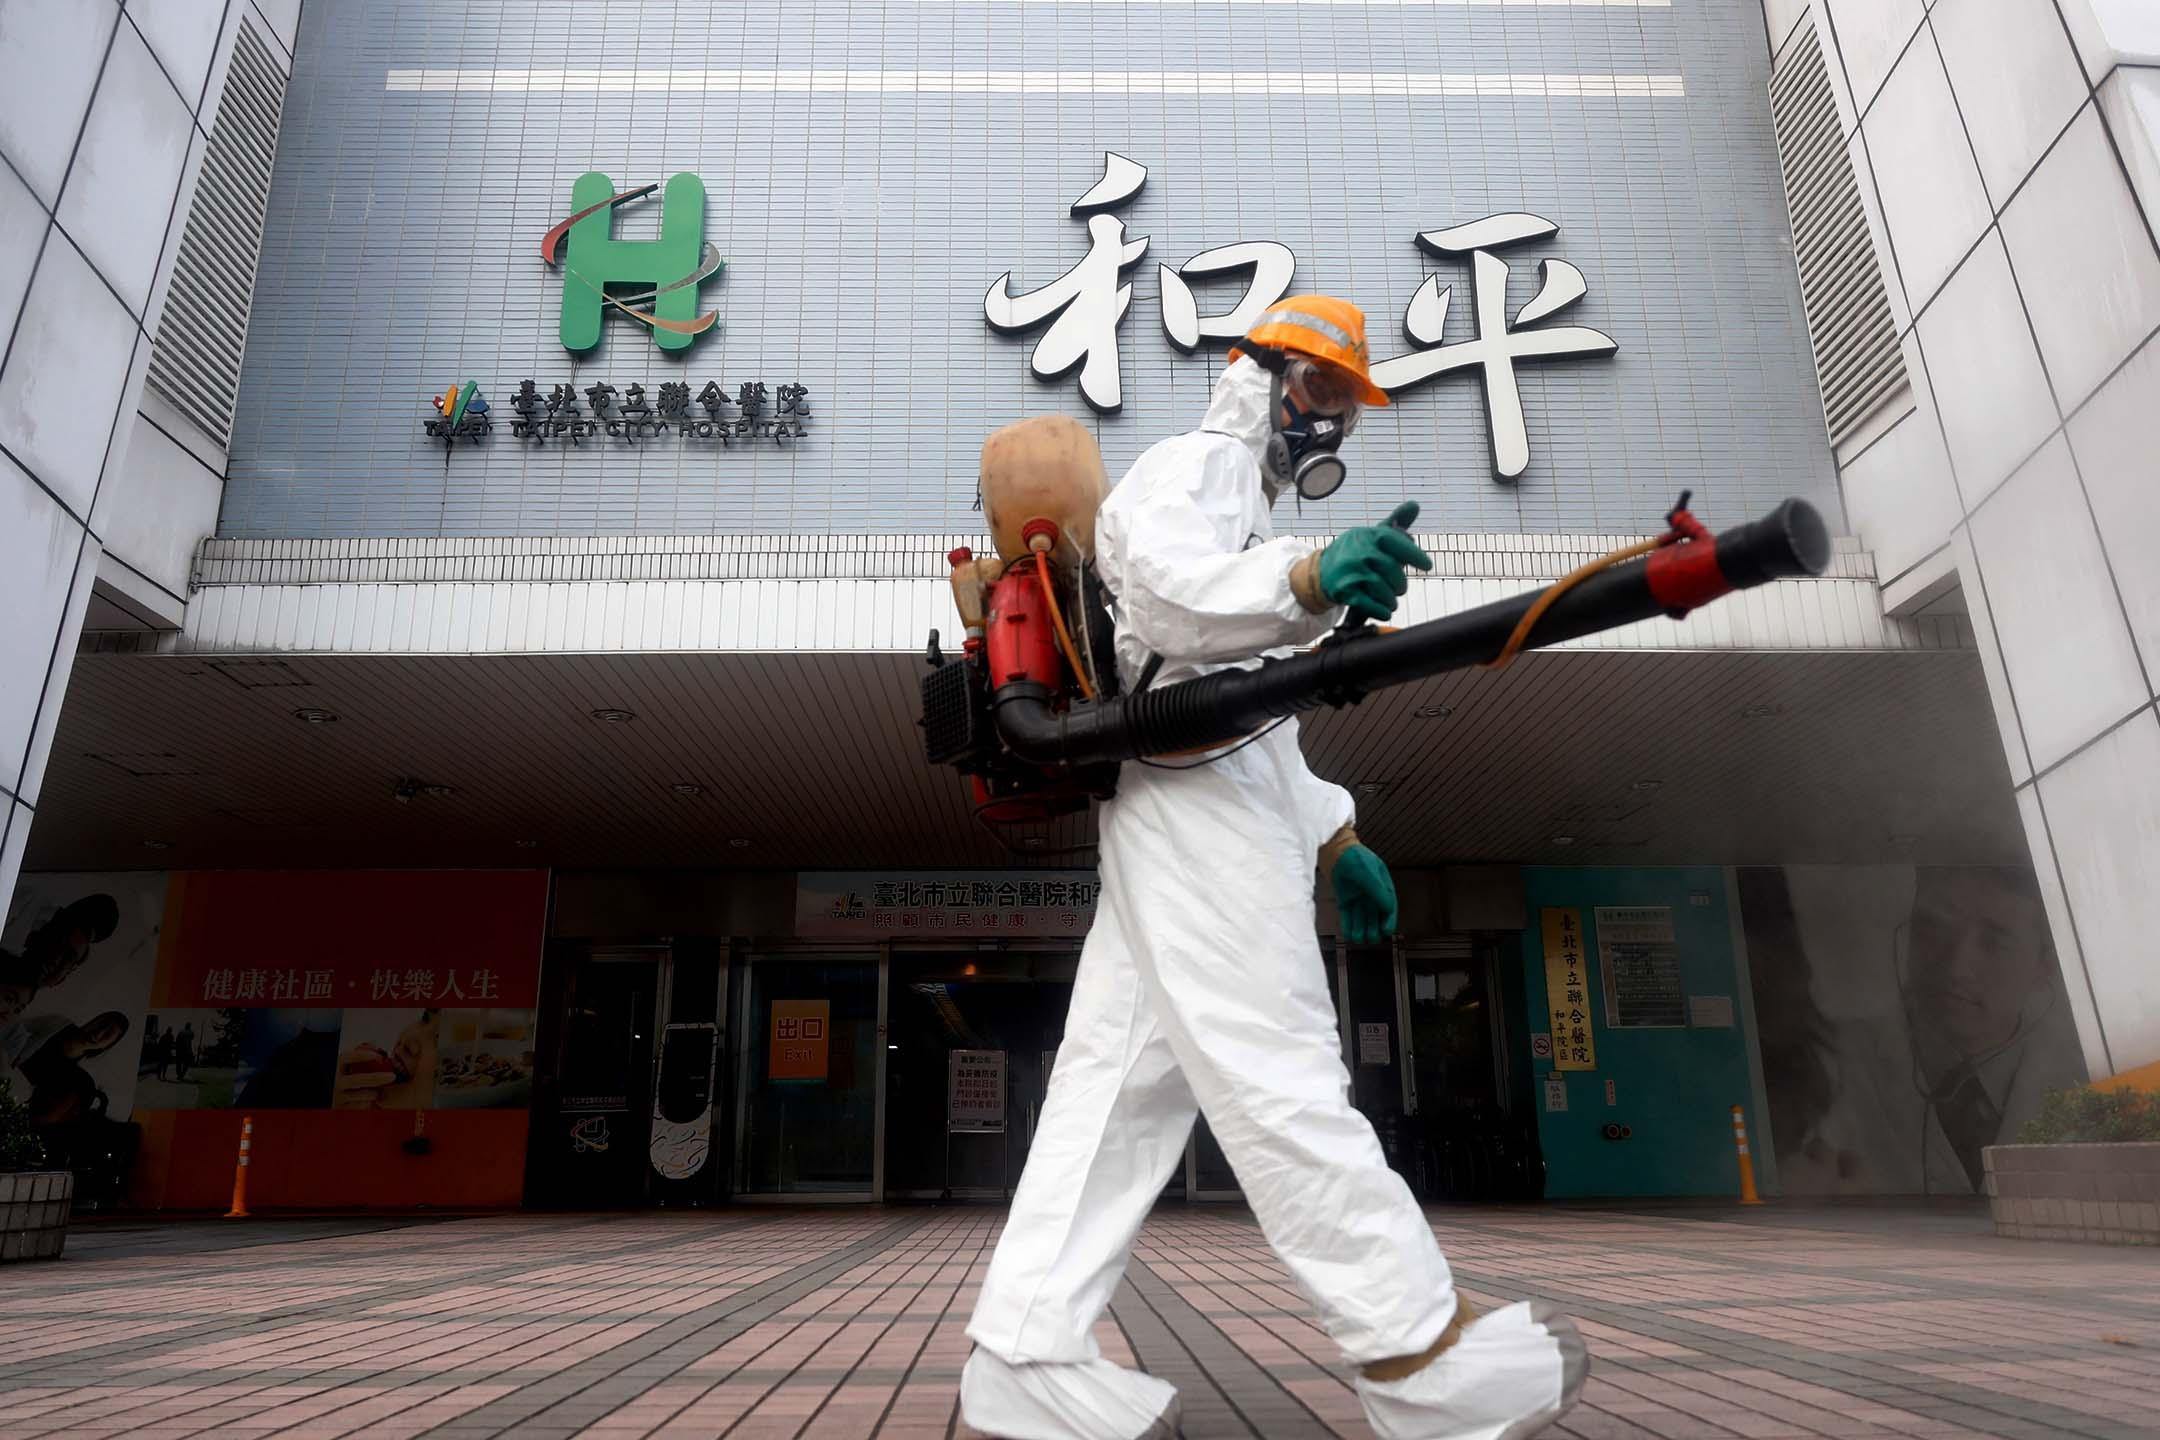 2021年5月15日,一名穿著防護裝備的工作人員為台北的和平家醫院外消毒。